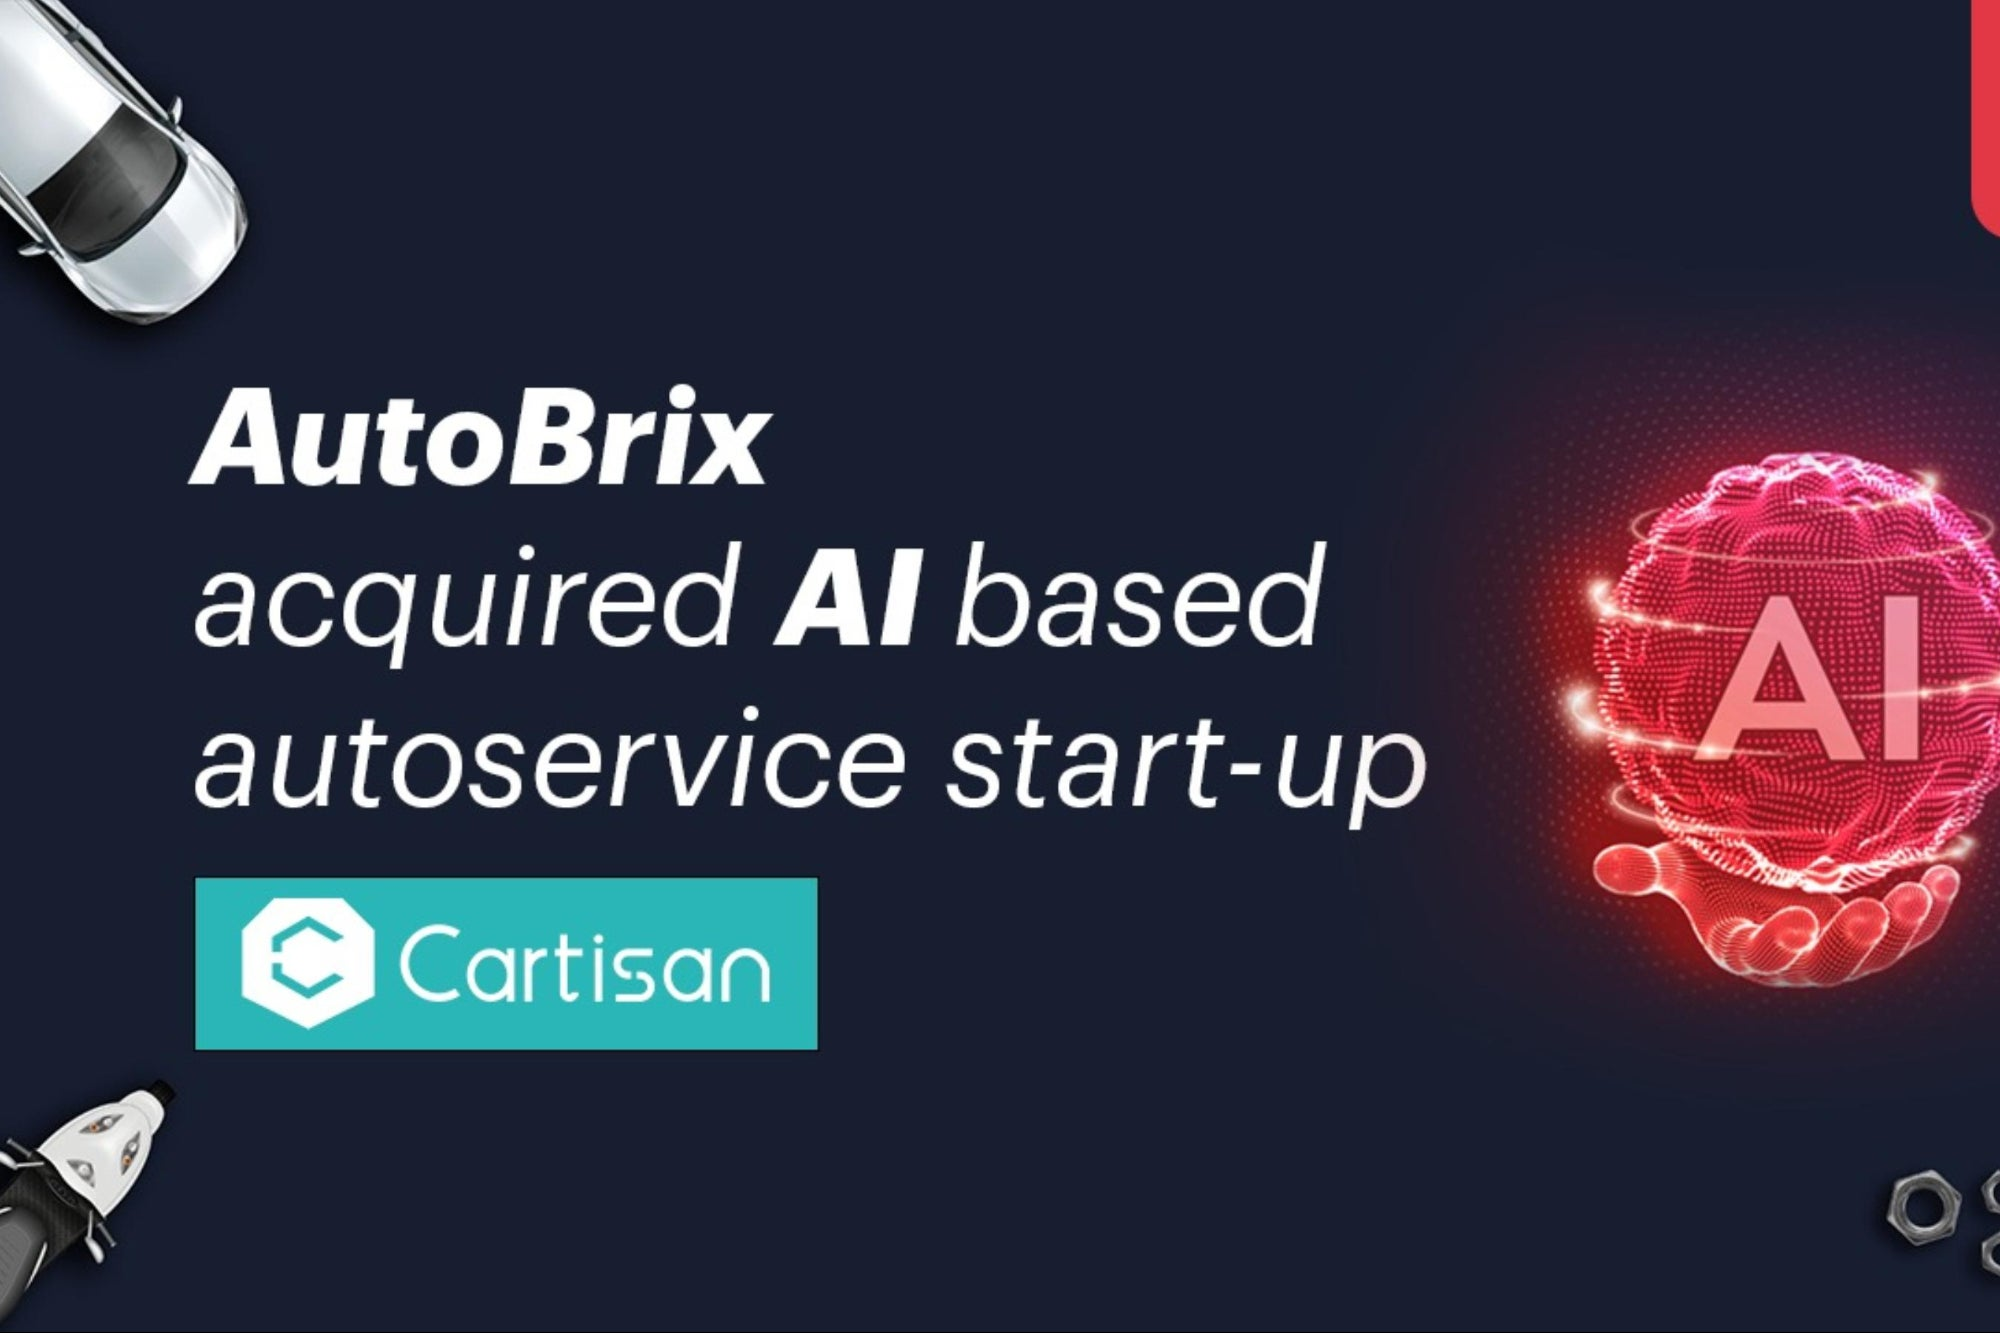 AutoBrix acquires Cartisan